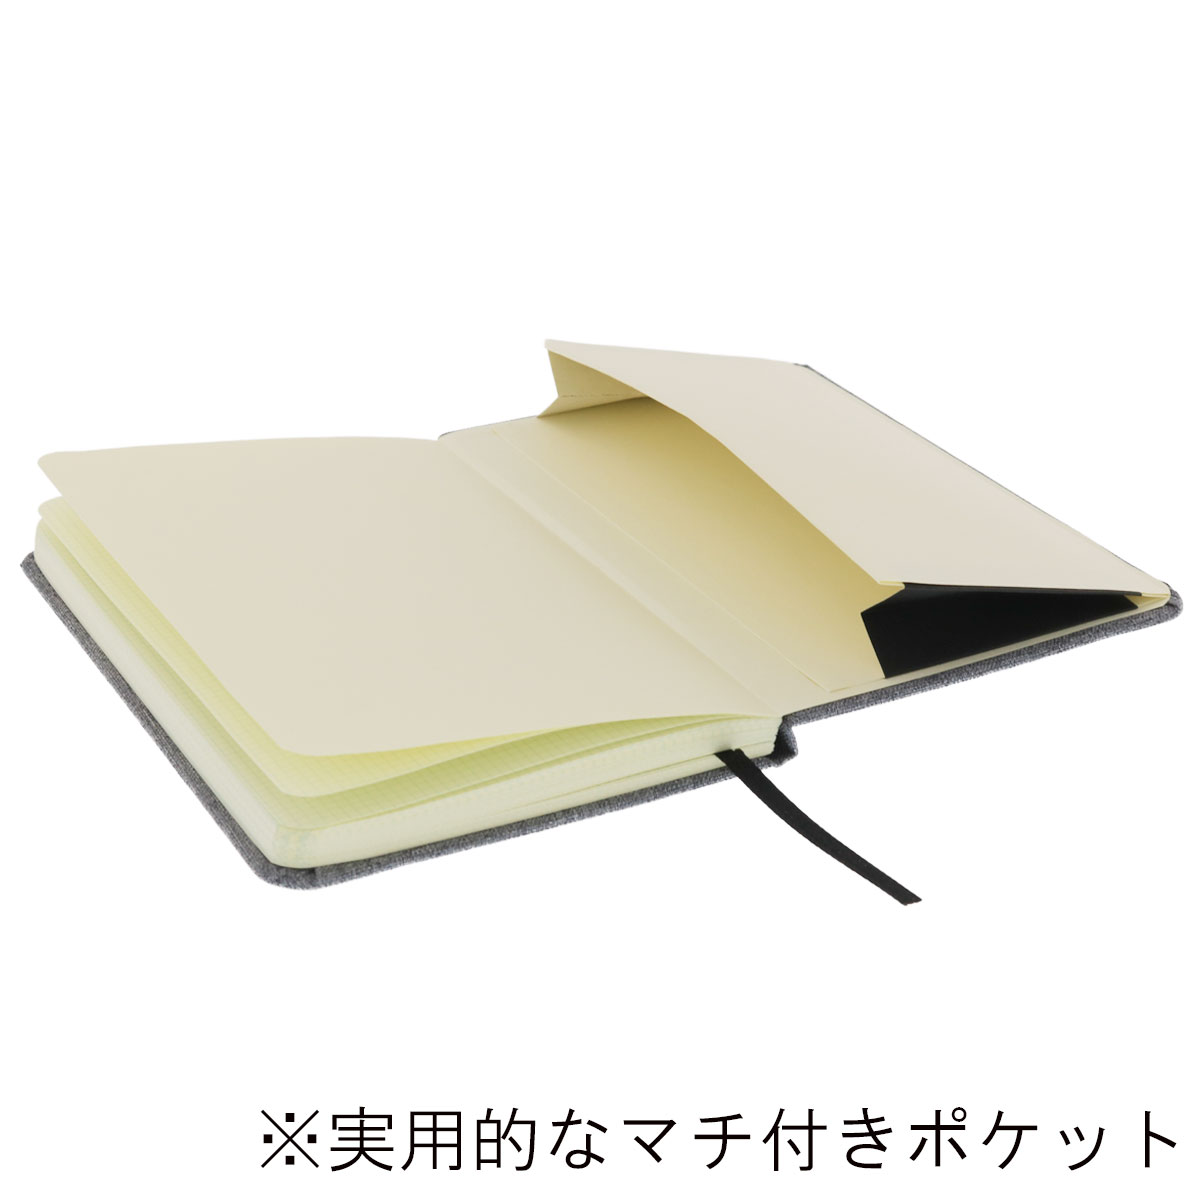 ファブリックノートブック ポケット付